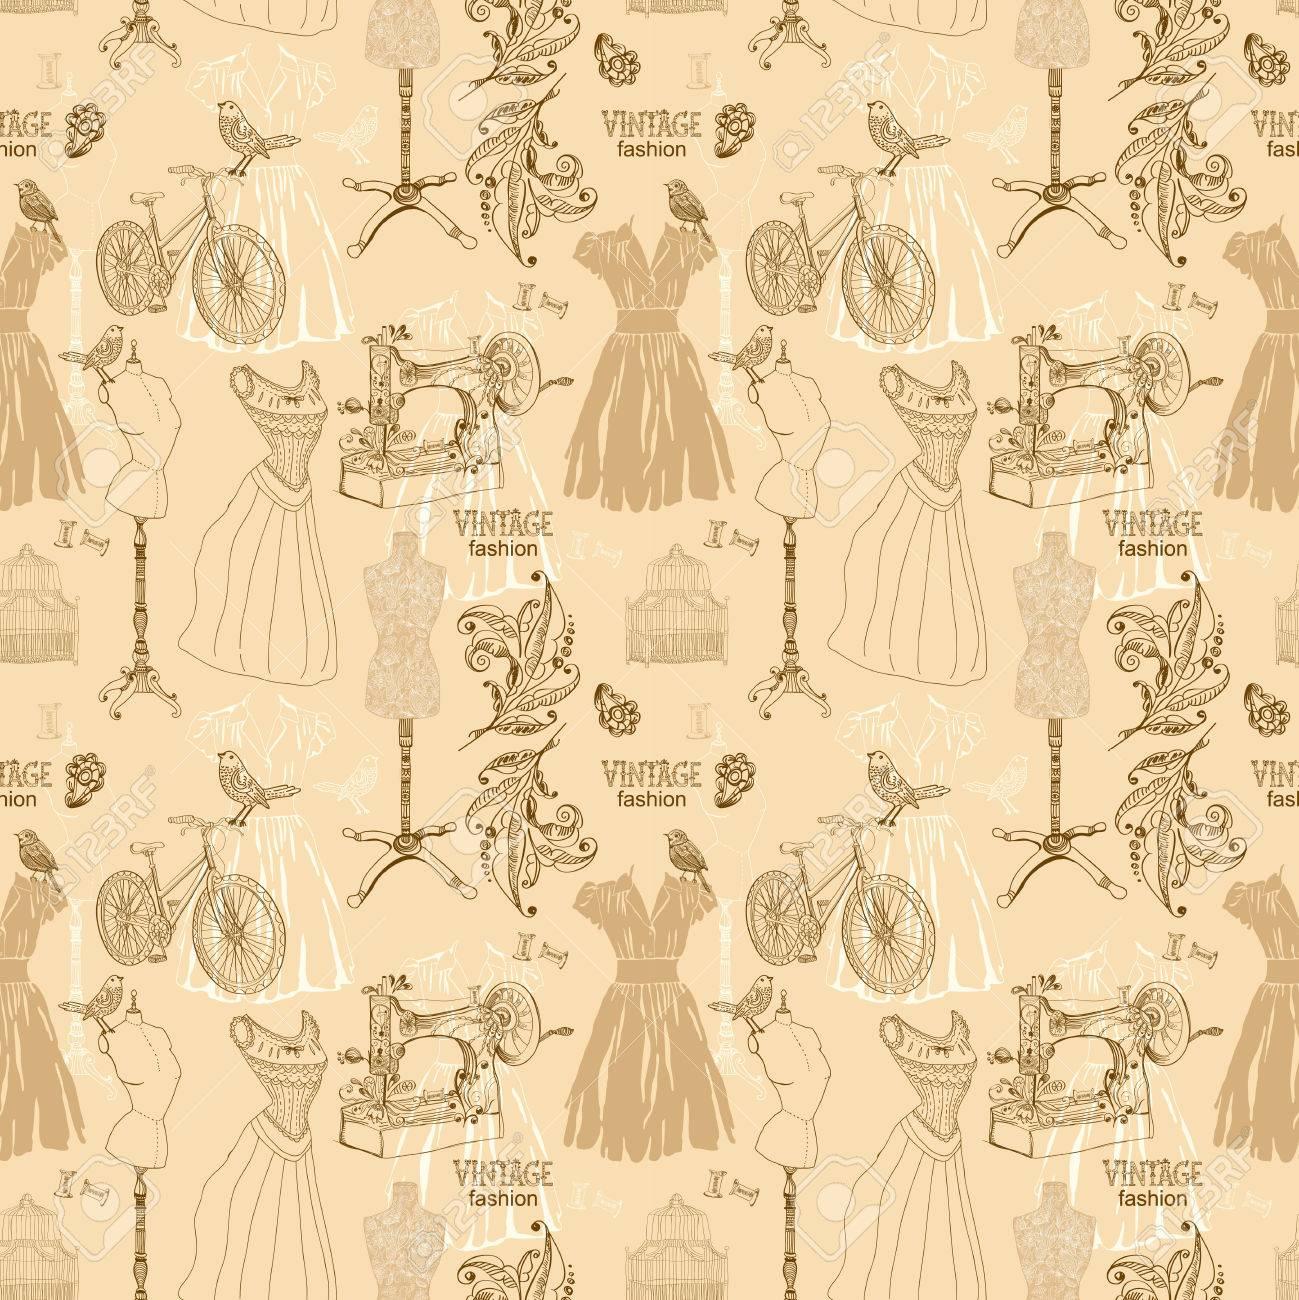 Jahrgang Nahtlose Muster - Mode Und Nähen, Illustration Lizenzfreie ...